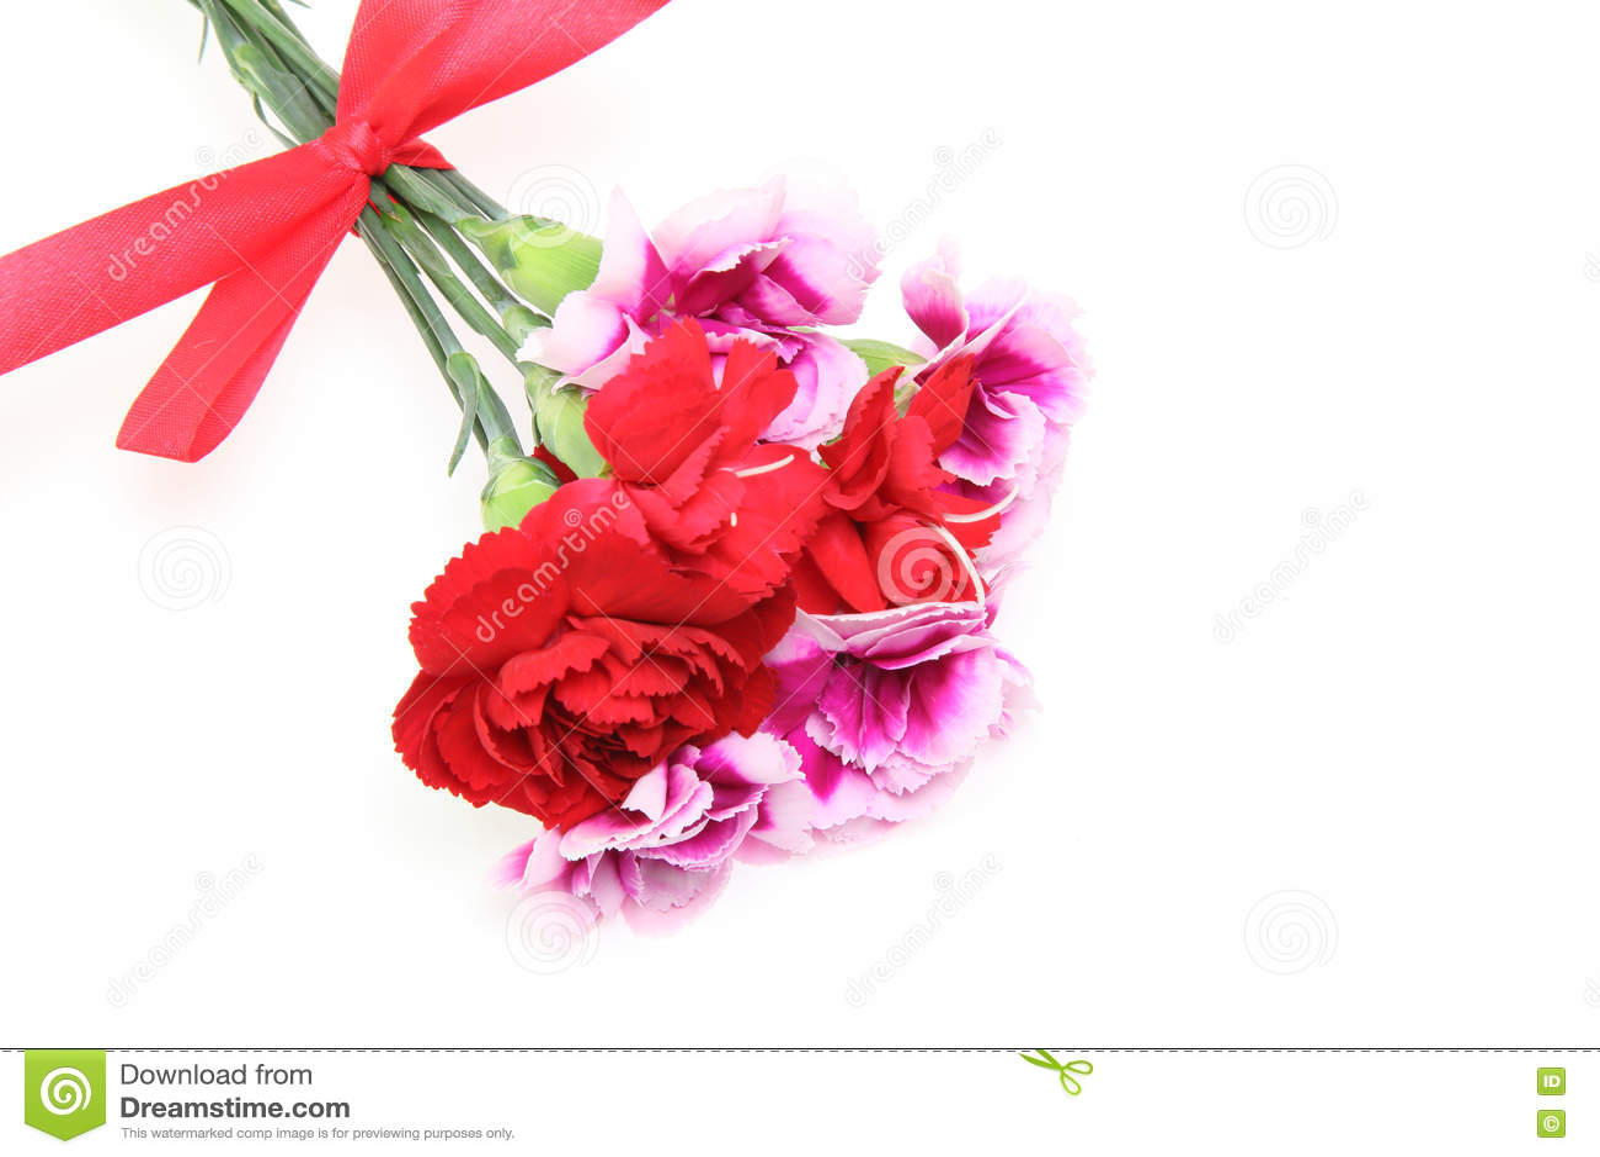 康乃馨花束与丝带的